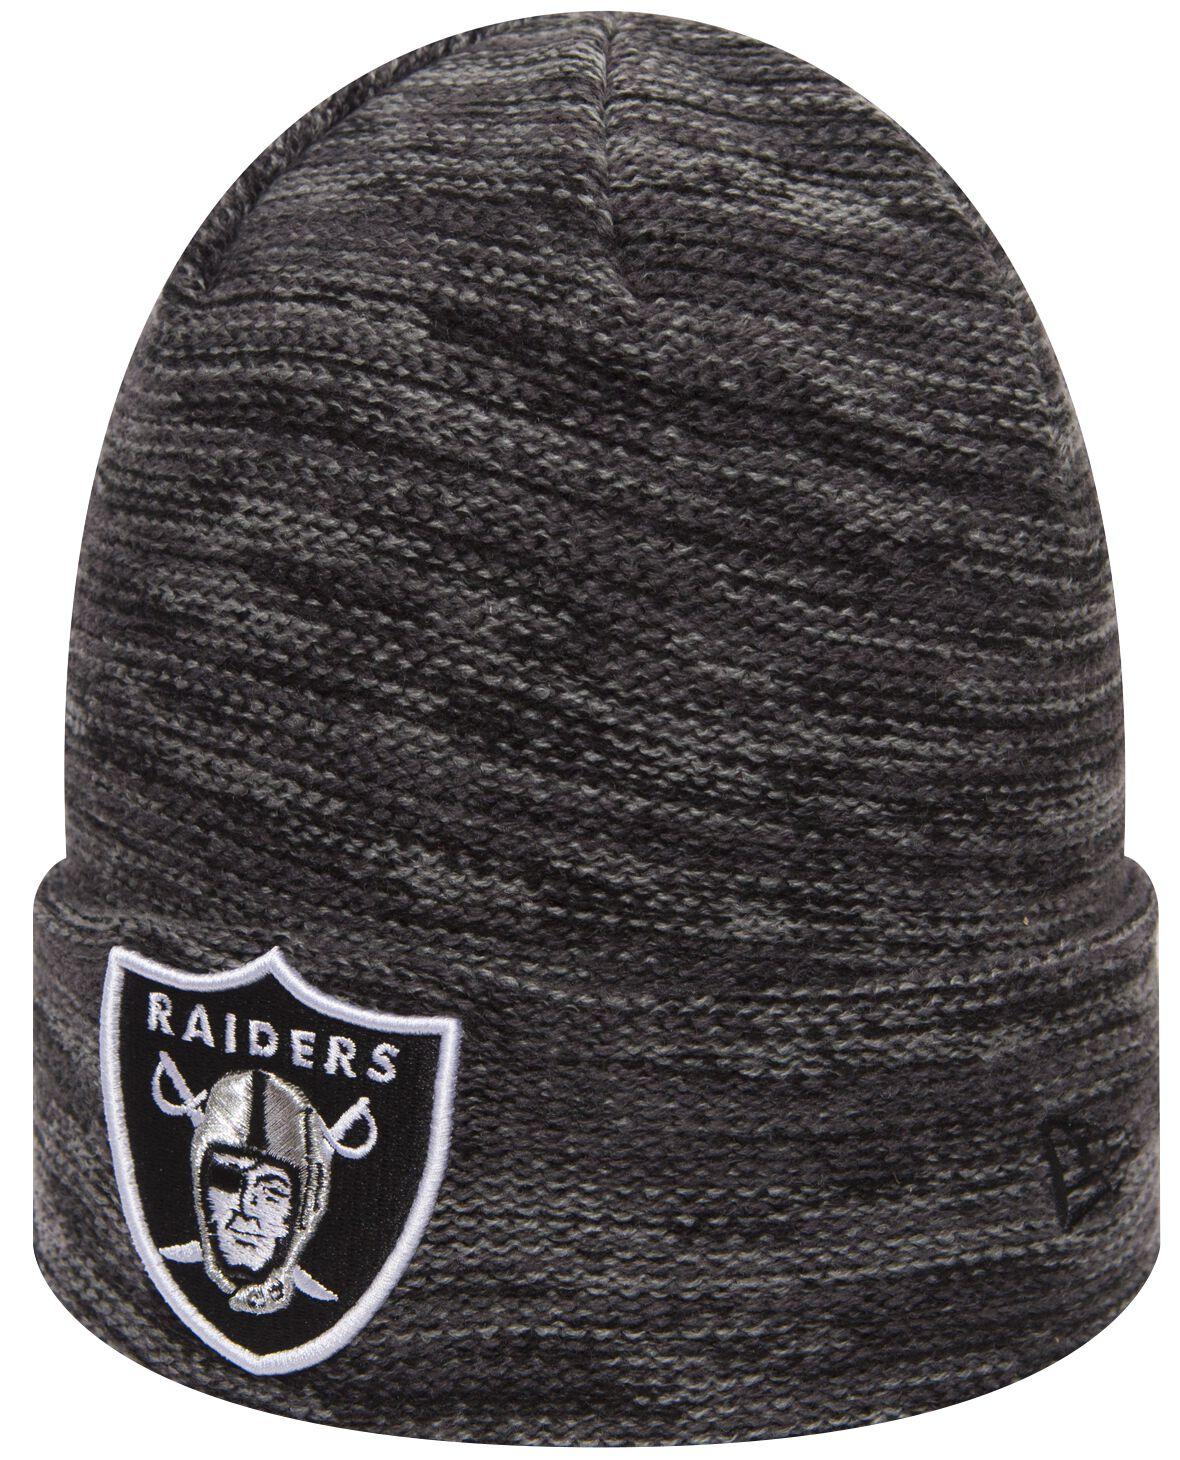 Basics - Czapki i Kapelusze - Beanie New Era NFL Oakland Raiders Beanie wielokolorowy - 368092